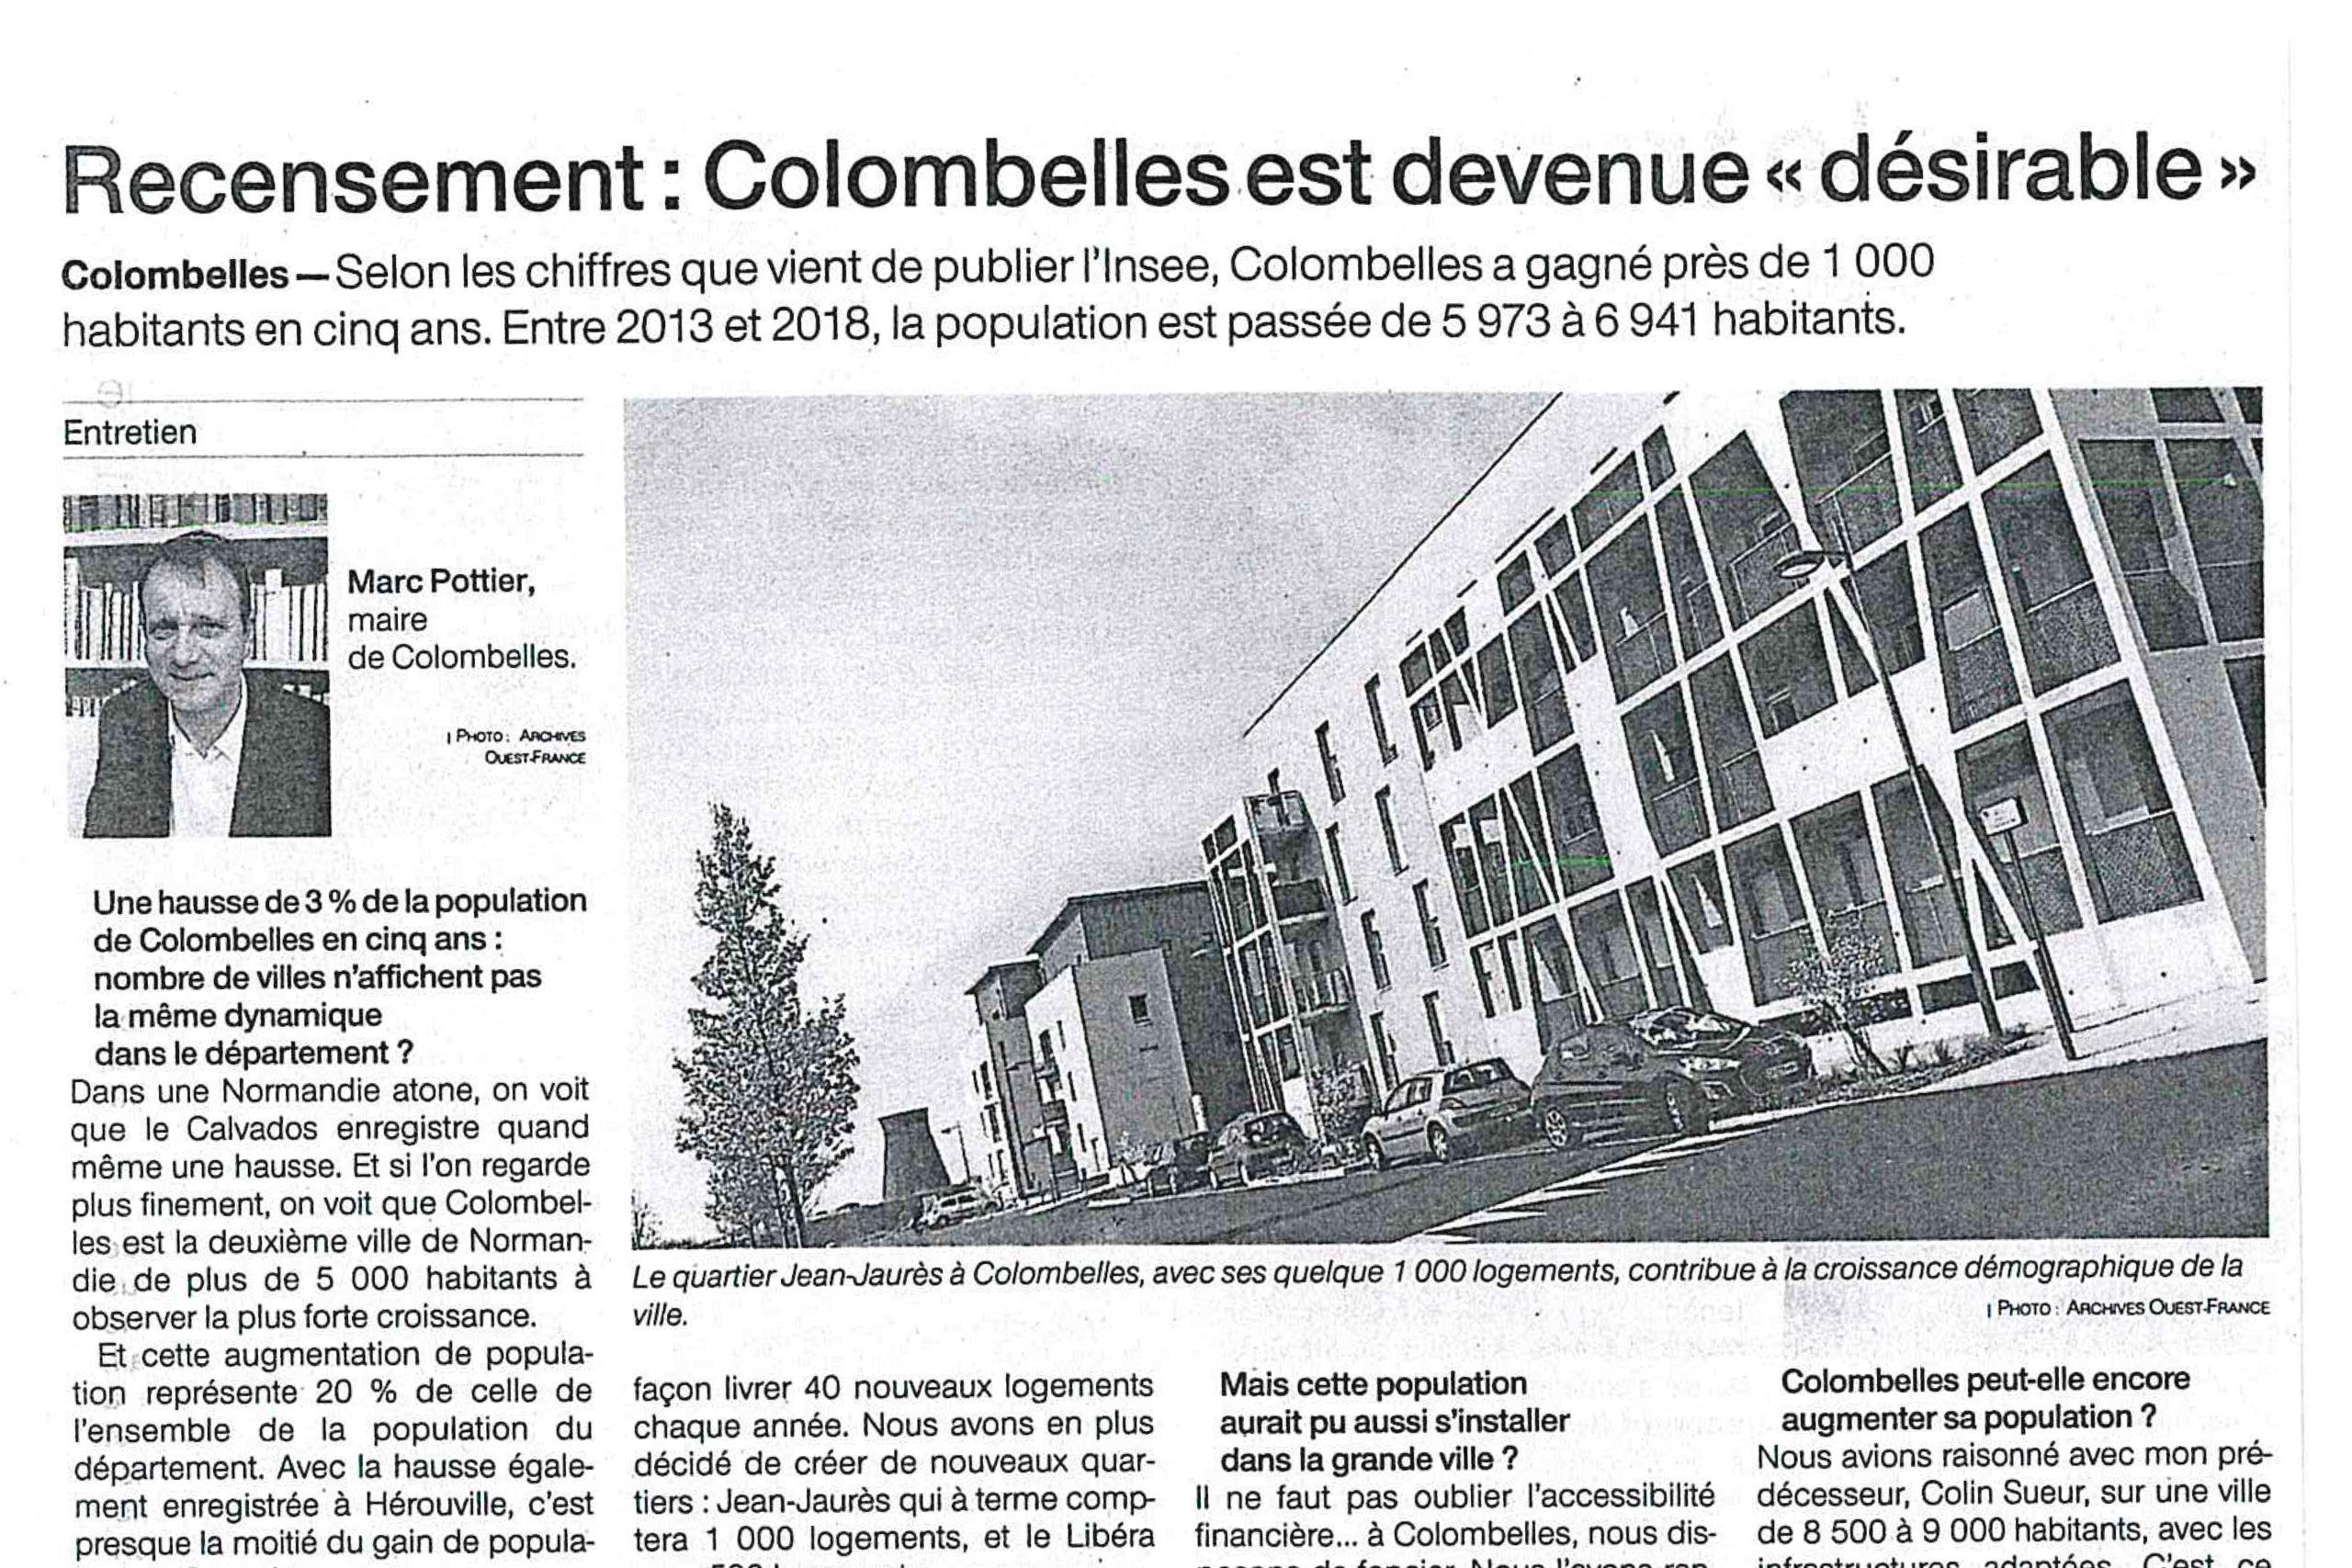 Colombelles a gagné près de 1000 habitants